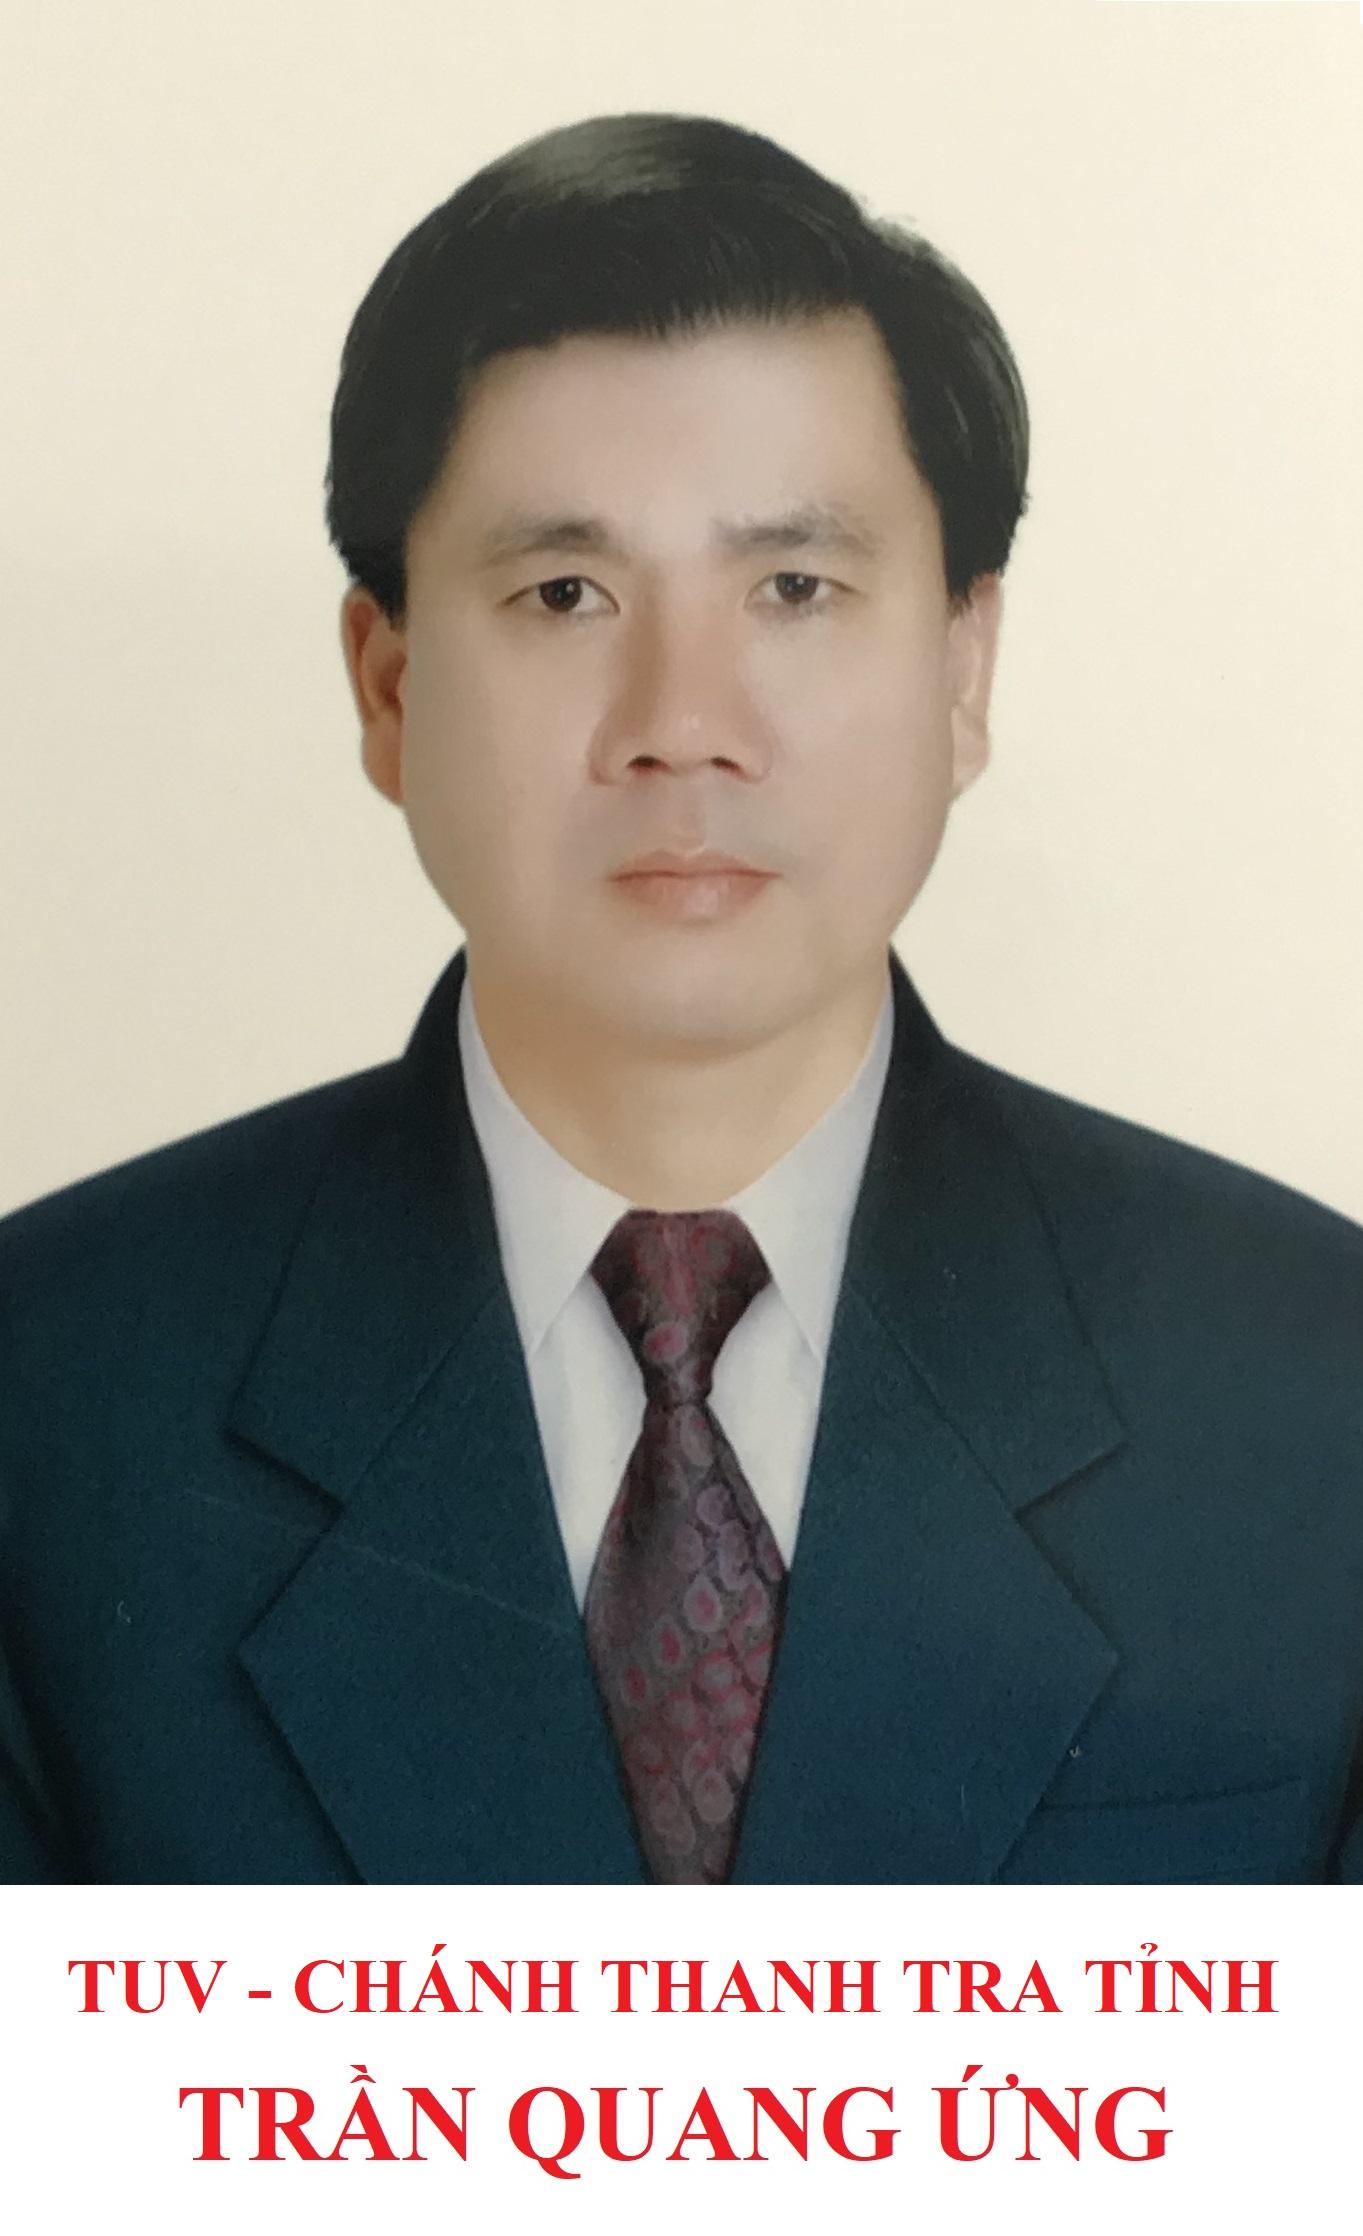 Dc Tran Quang Ung - TTra tinh Bac Ninh.jpg